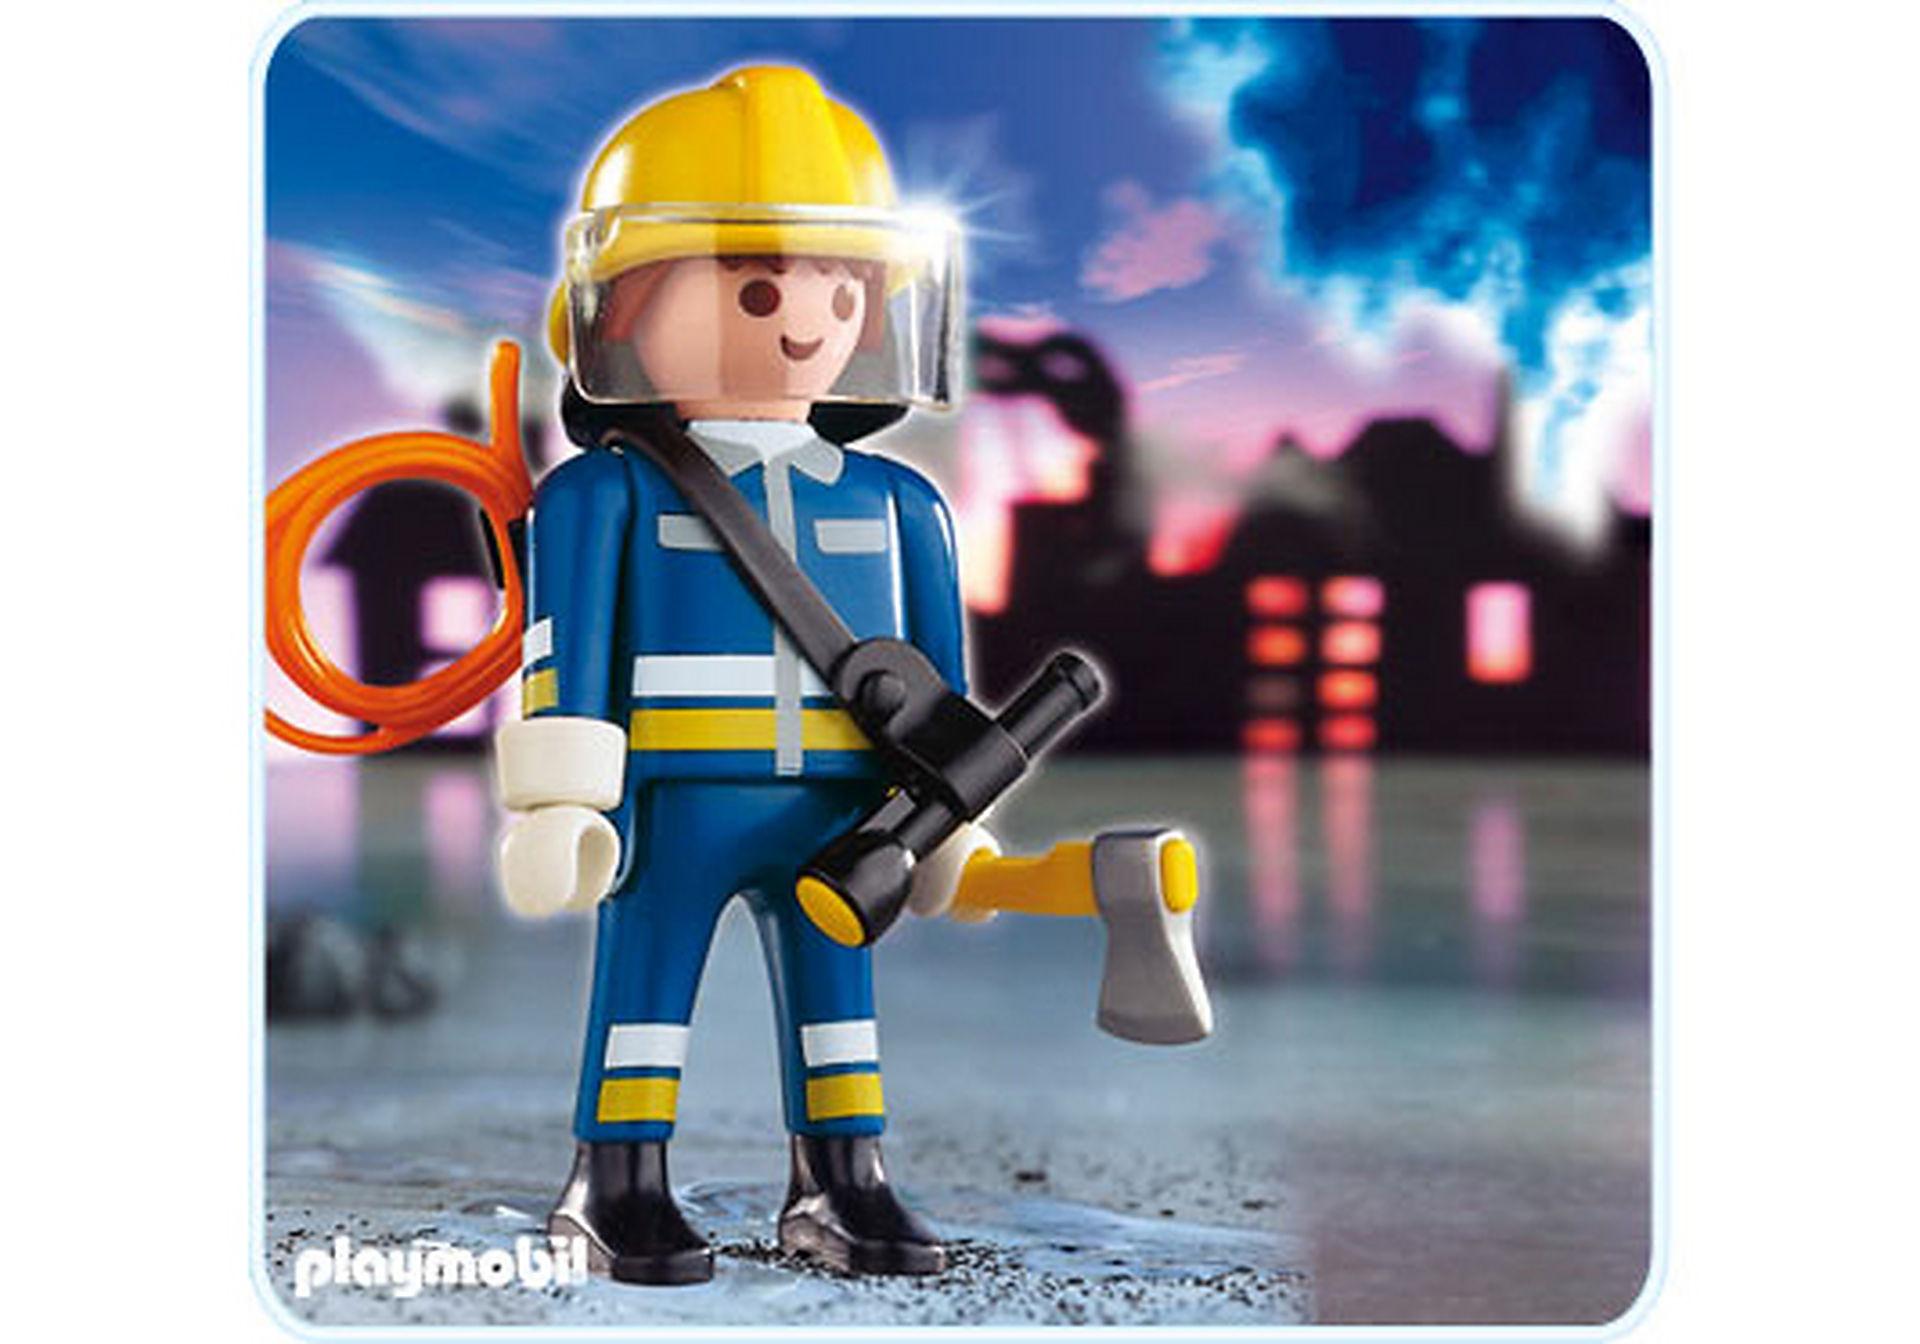 4675-A Feuerwehrmann zoom image1